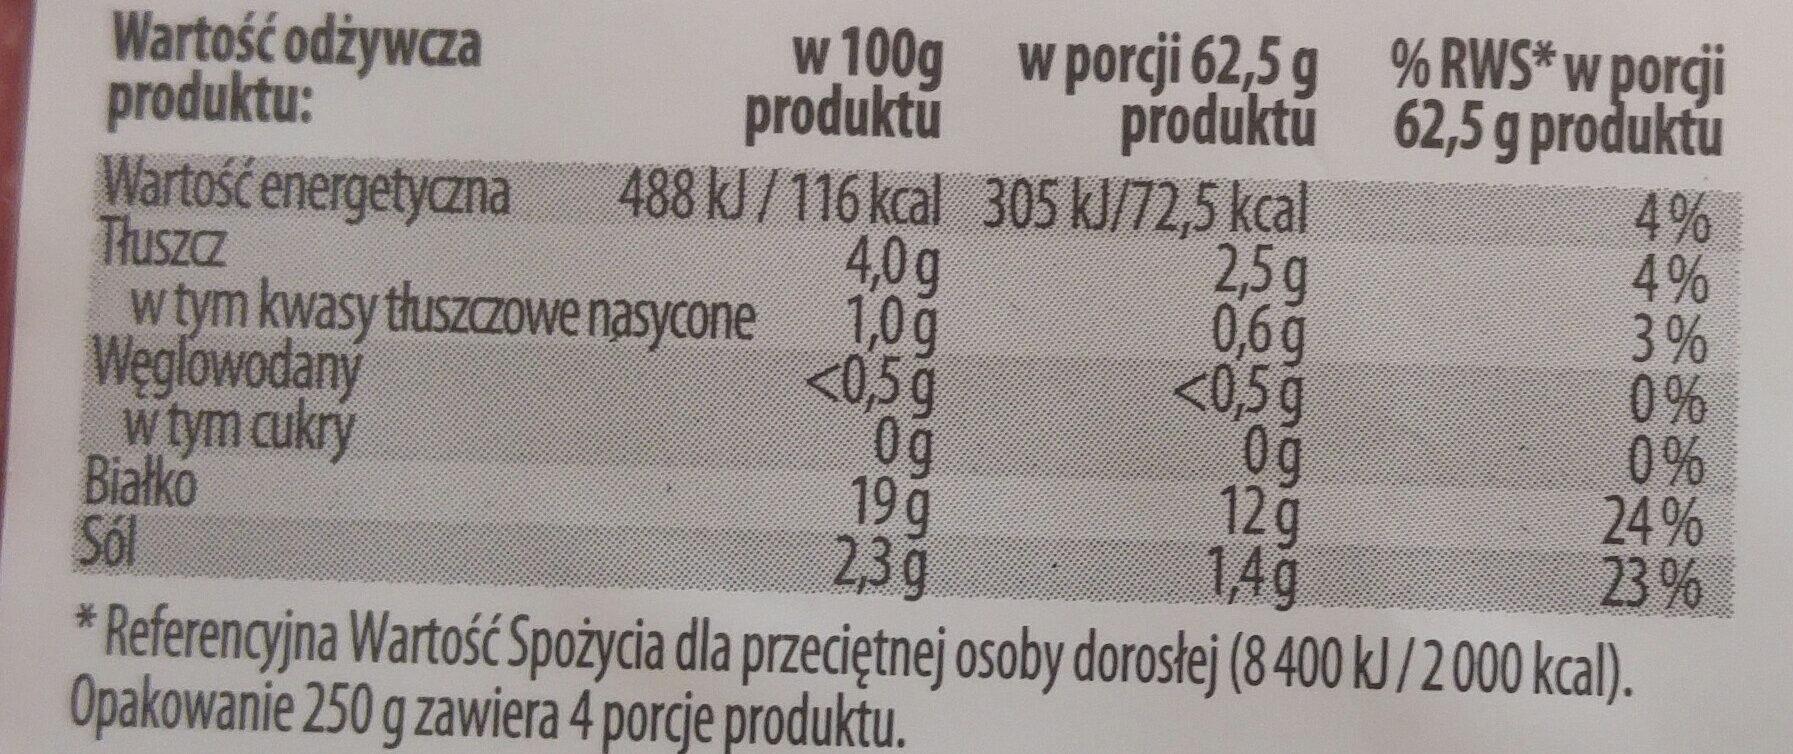 Tatar wołowina - Wartości odżywcze - pl